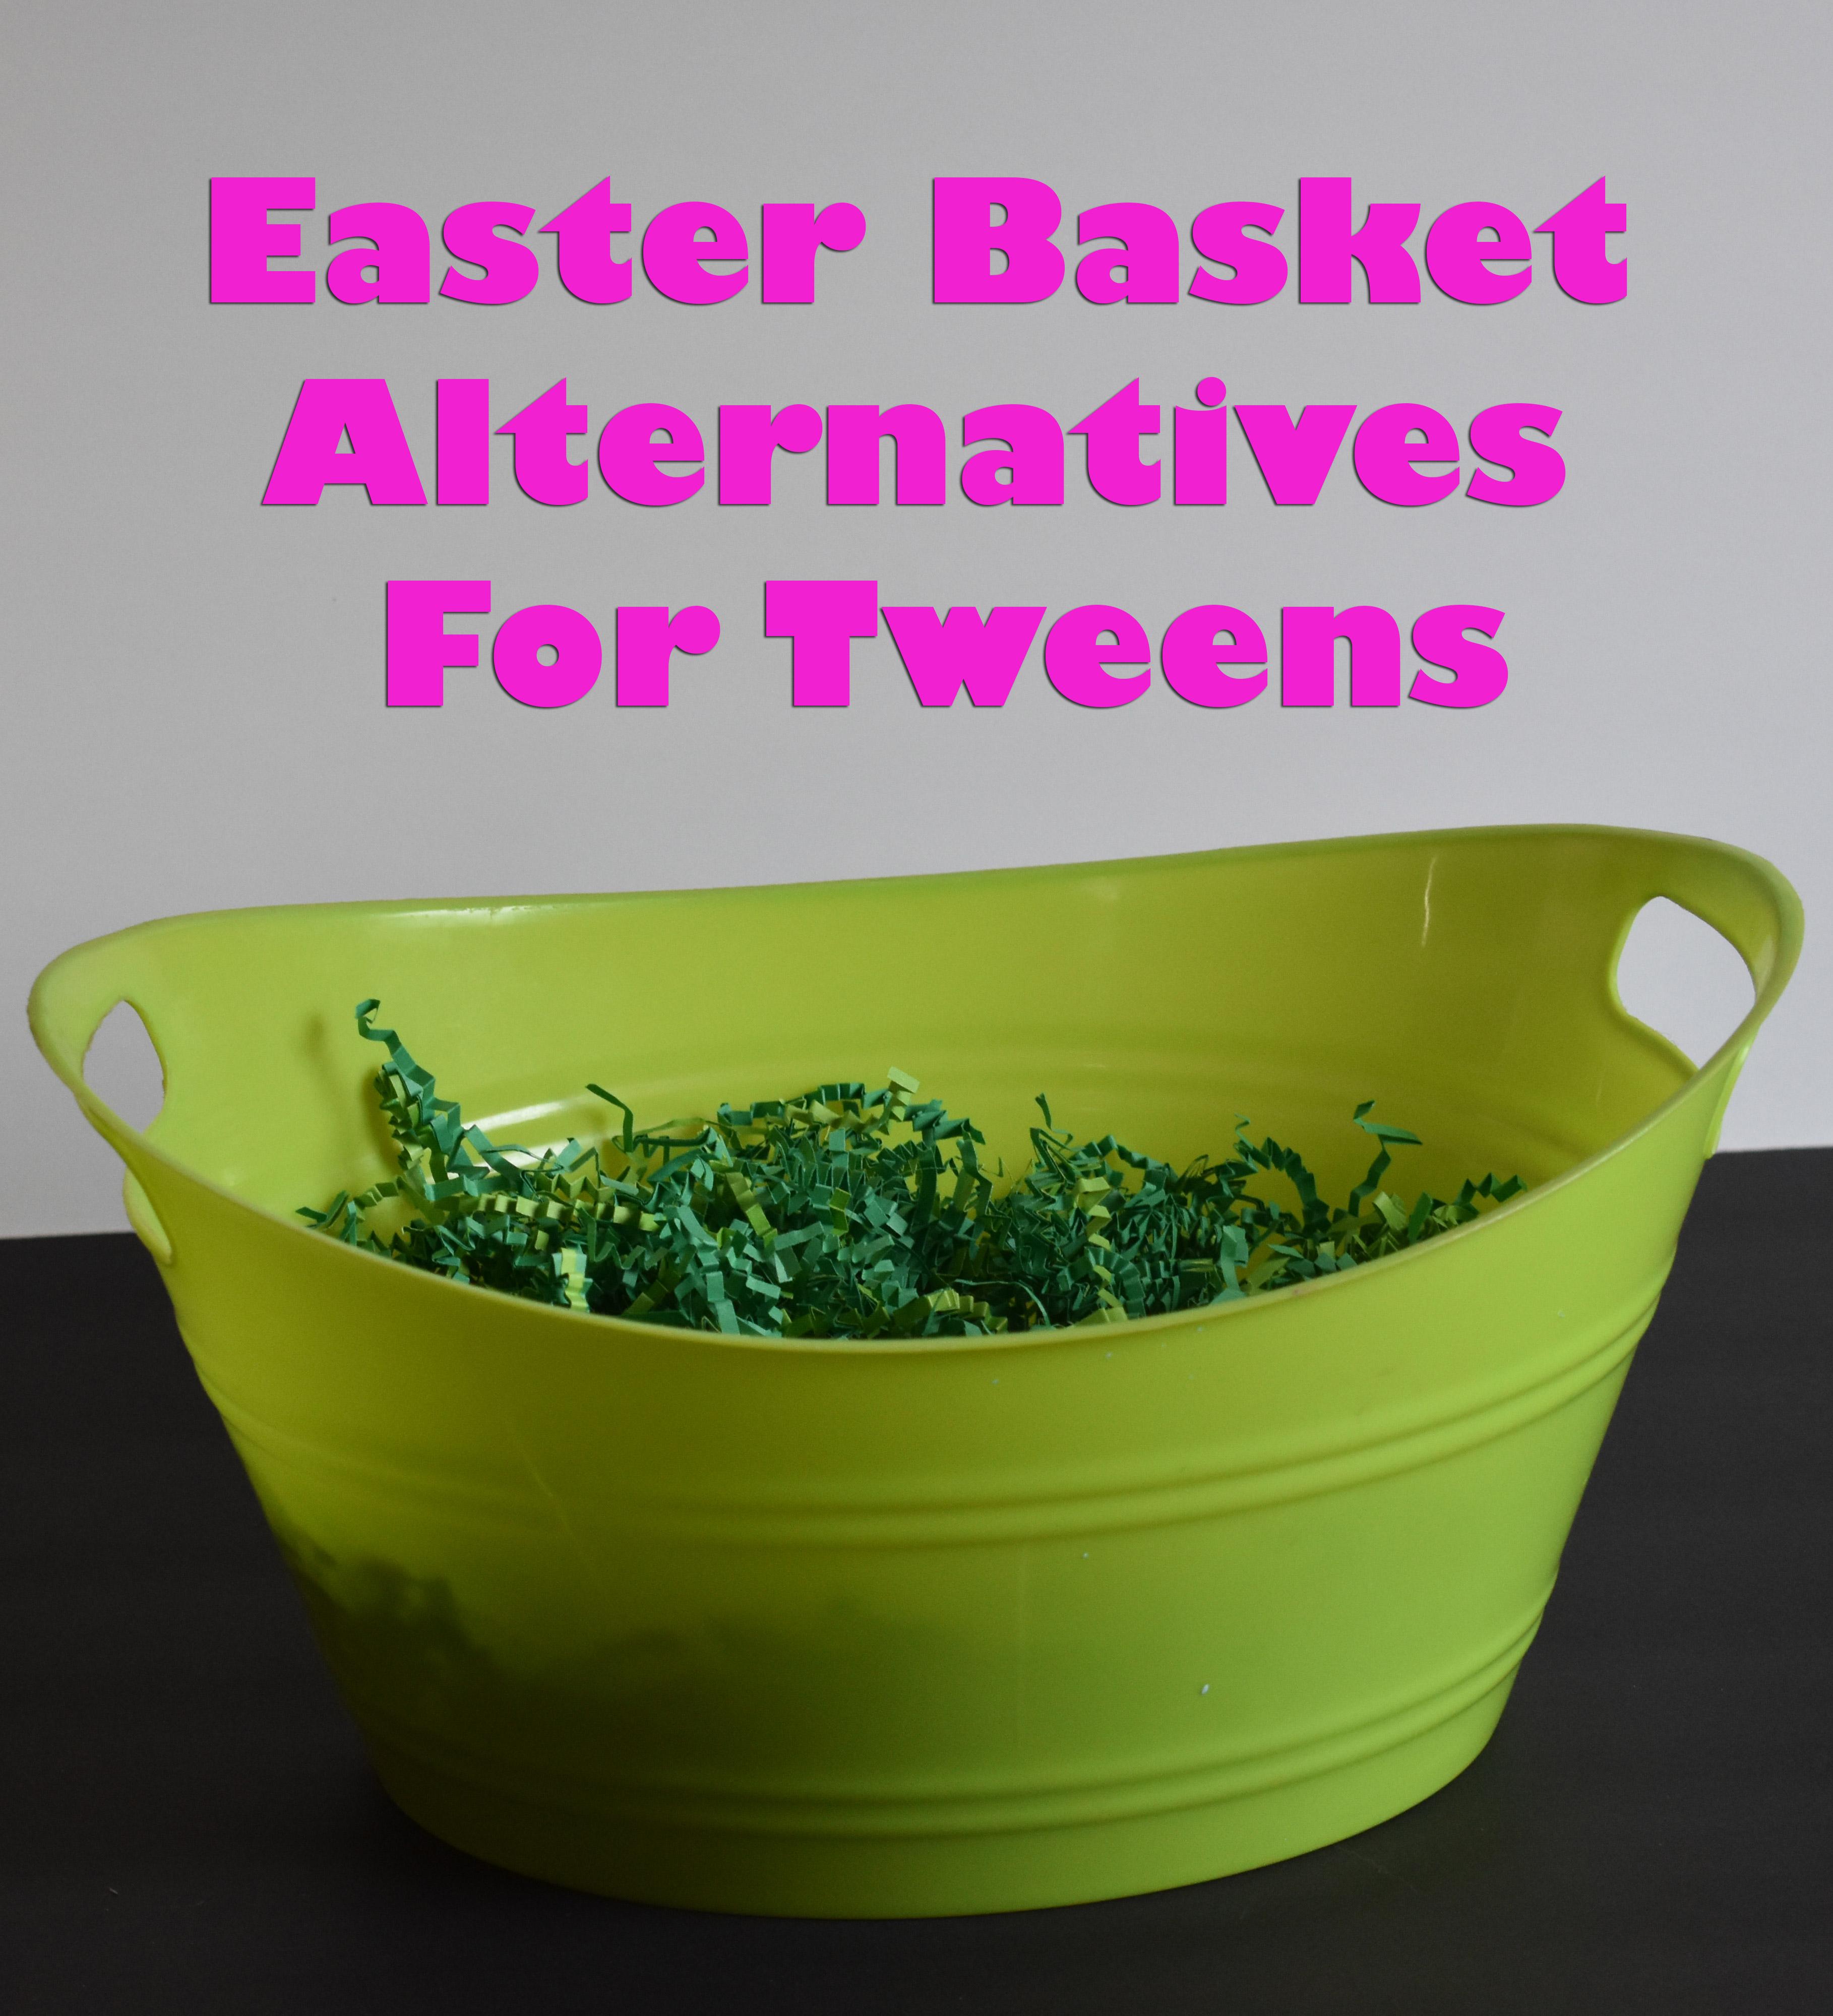 Easter Basket Alternatives For Tweens